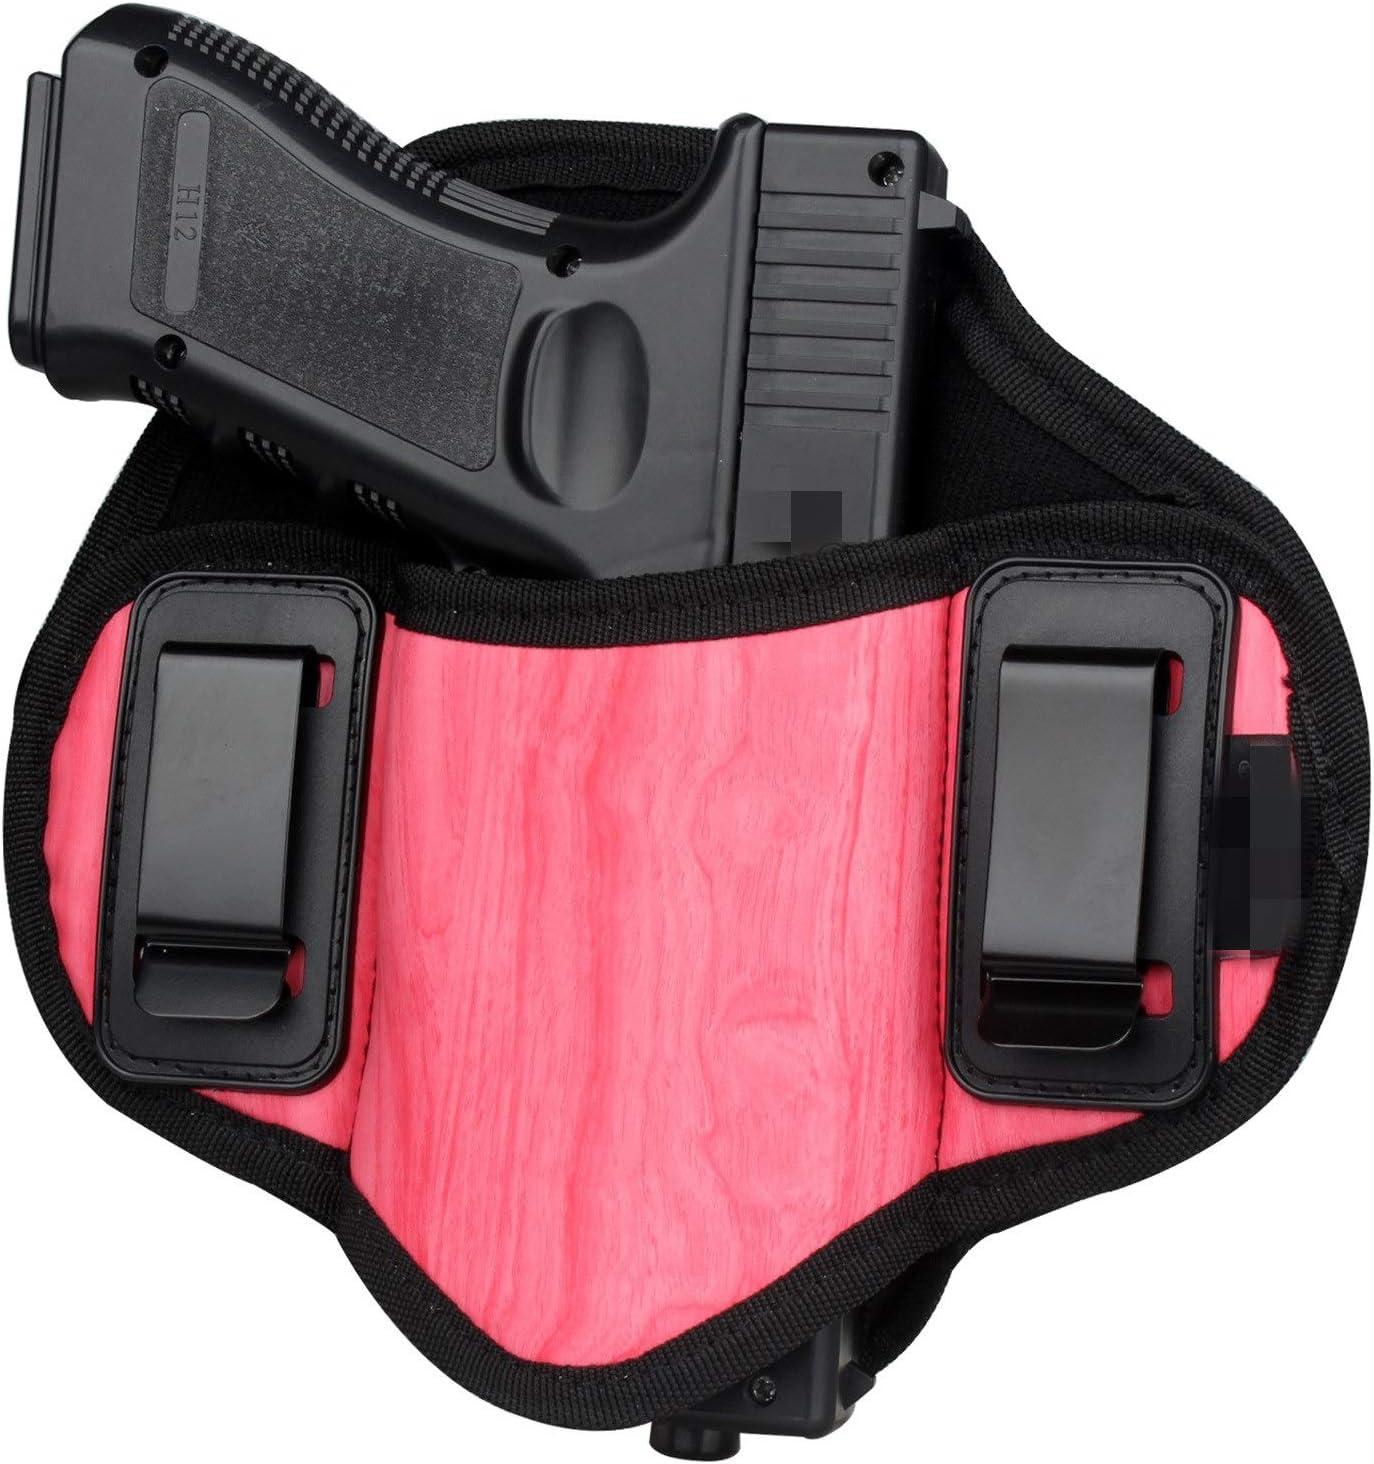 LiQinKeJi8 Cómodo Pistola táctica Holster Ocultas Cintas de Calle Cinturón Cinturón Metadero Airsoft Pistola Bolsa Herramienta de Funda